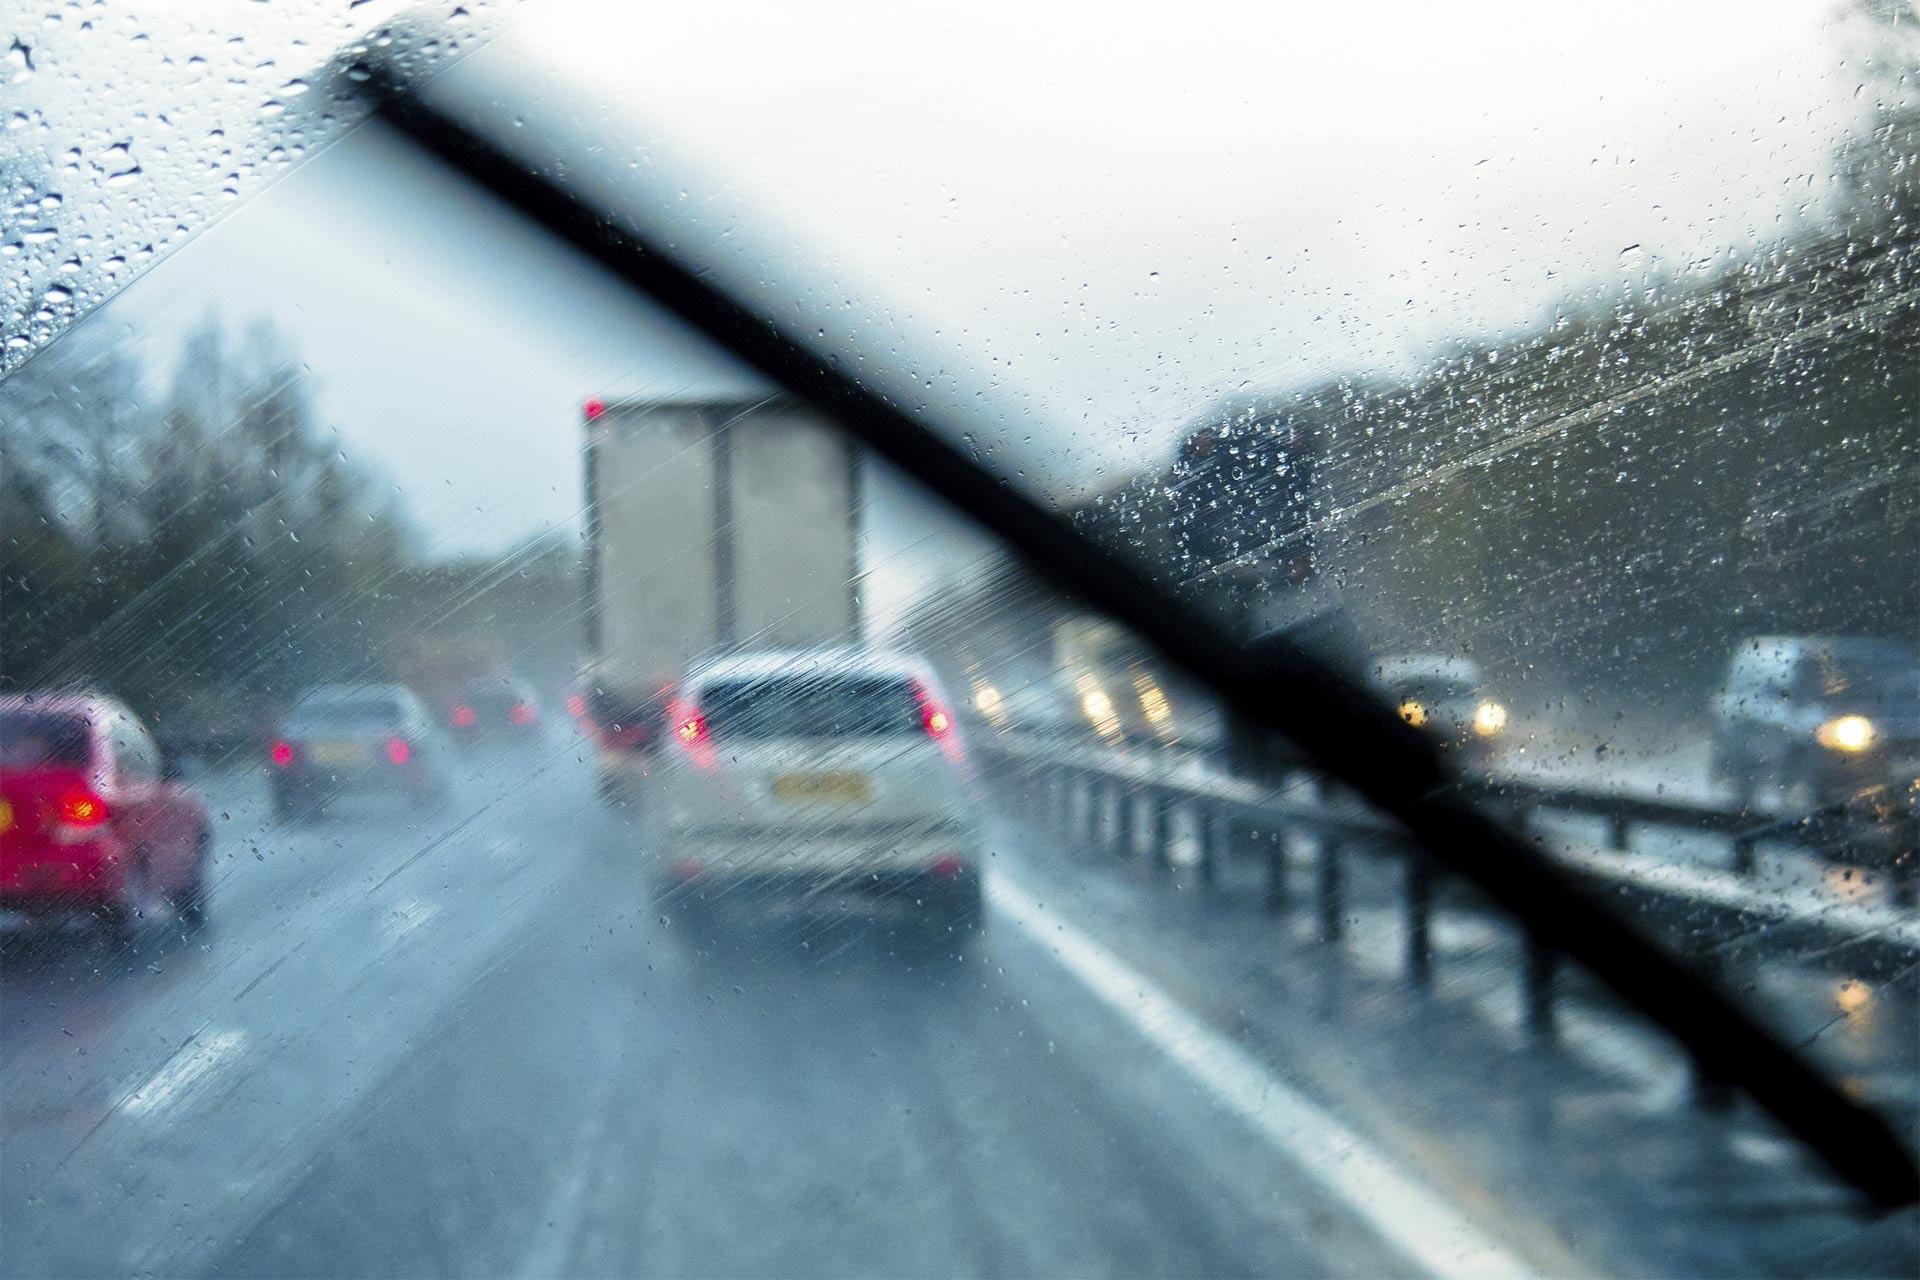 Compañías aseguradoras premian a conductores que se abstienen de manejar cuando hace mal tiempo